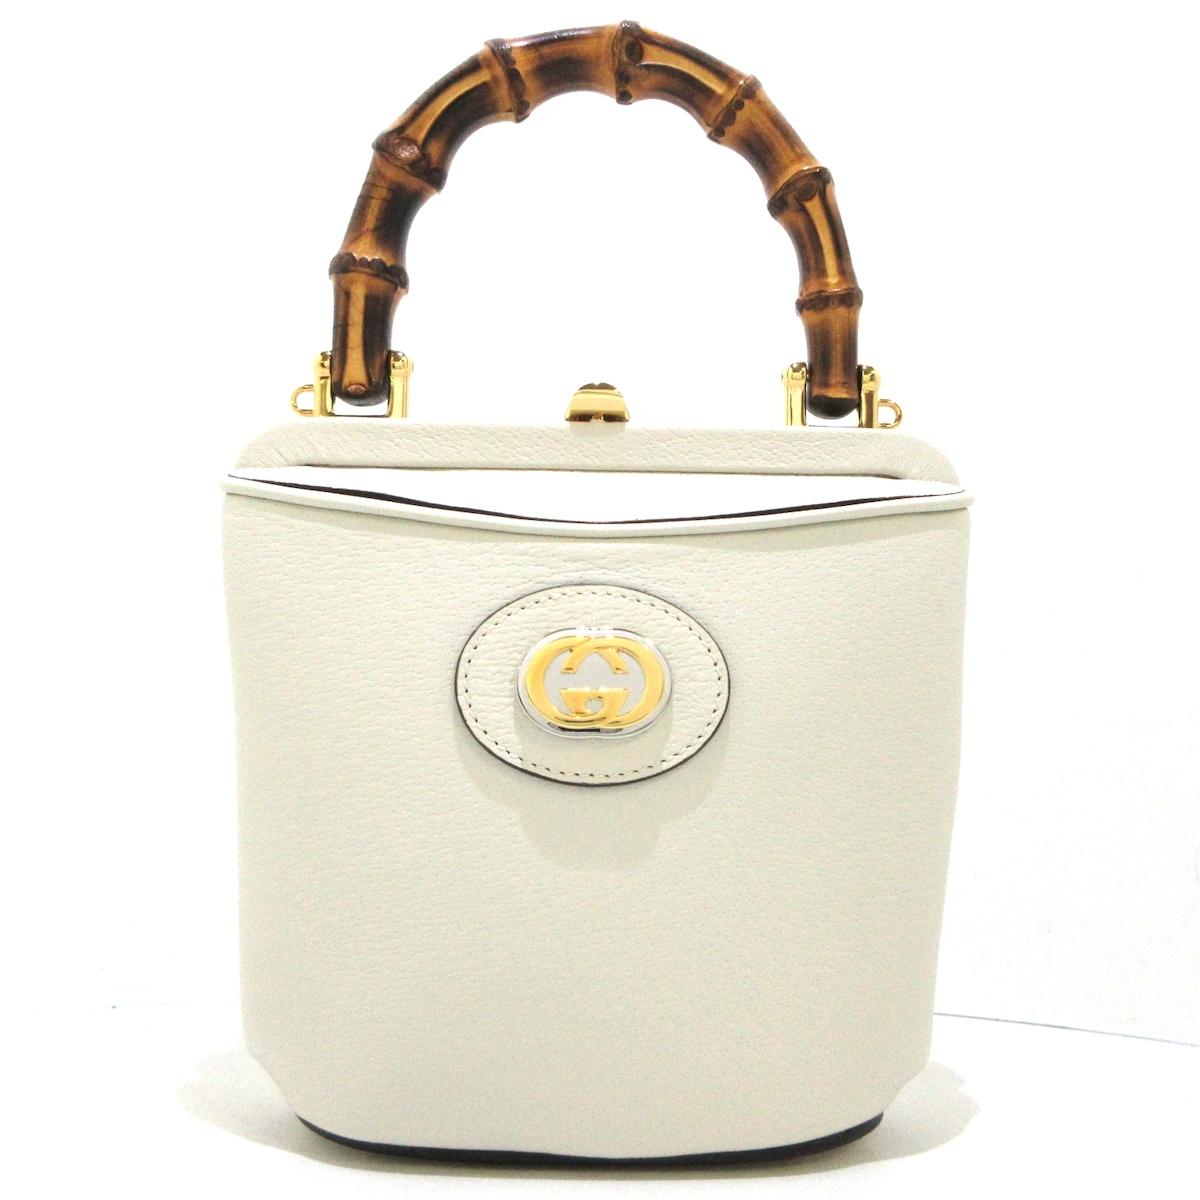 GUCCI(グッチ)のミニバンブーバケットバッグ